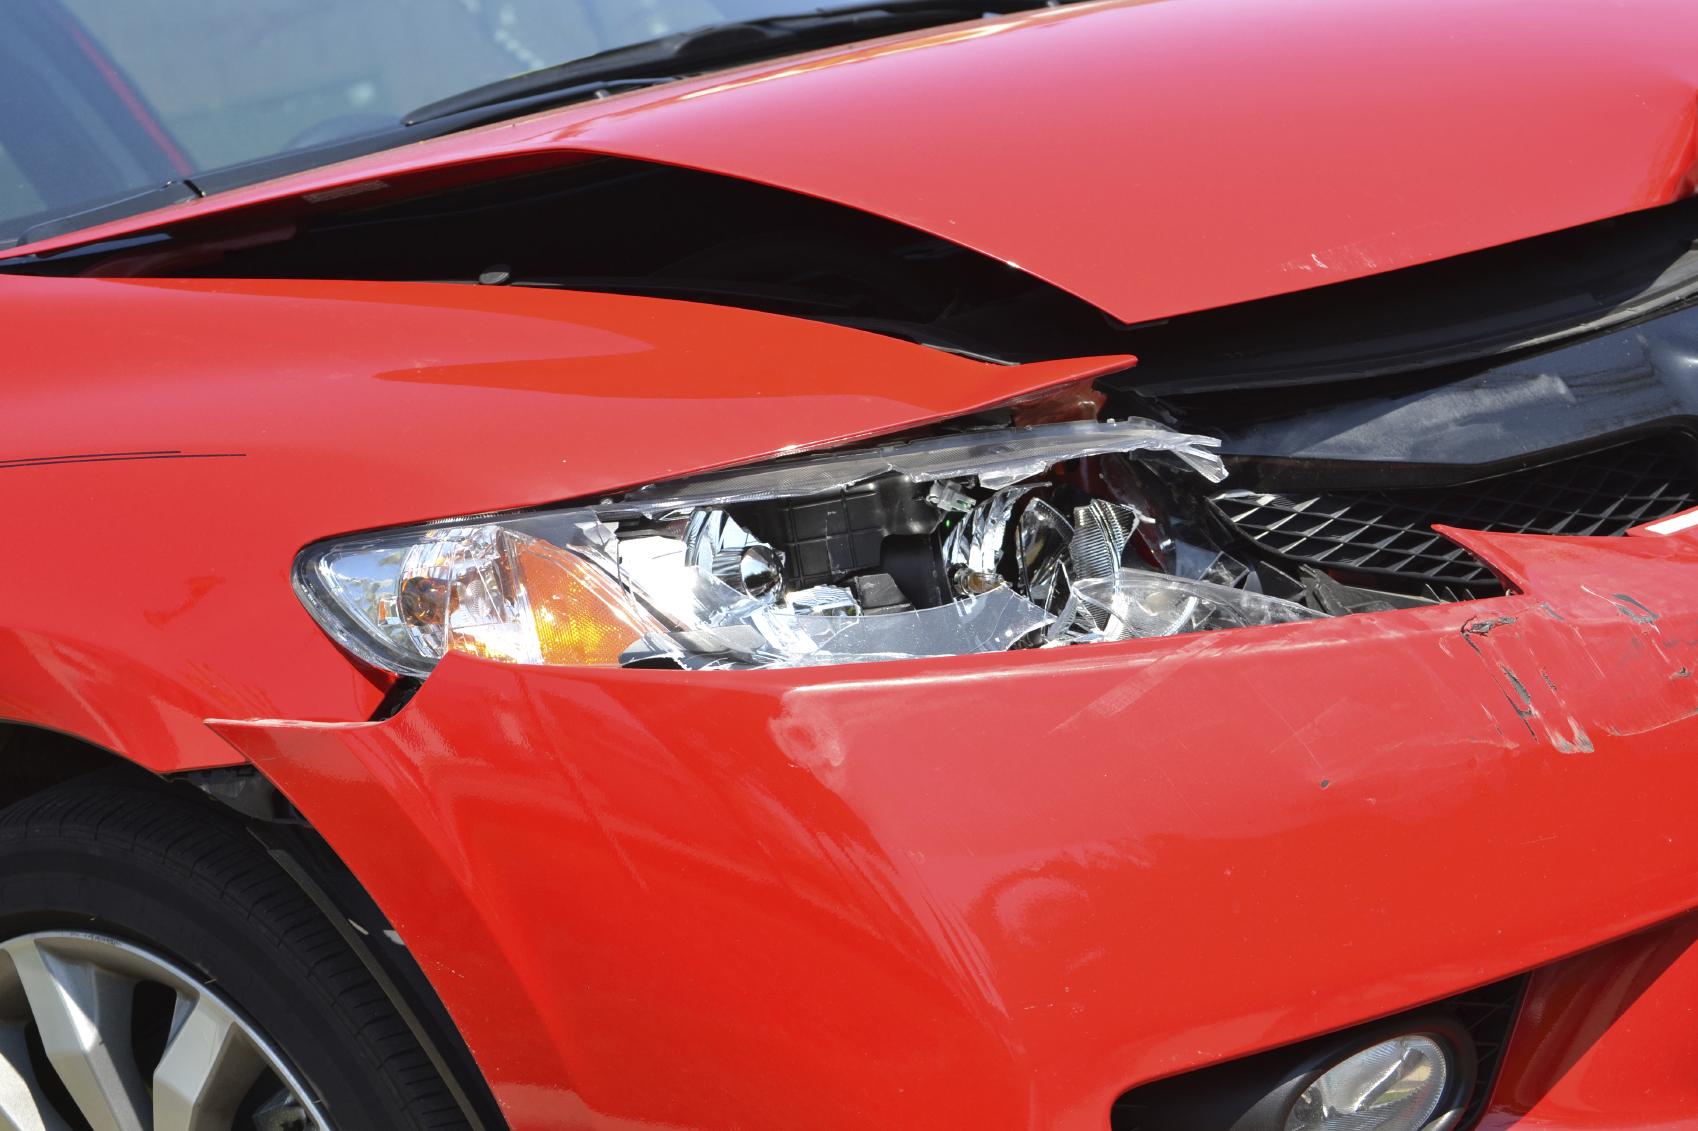 Auto Repair Shop in Marlborough, MA - Marlboro Nissan